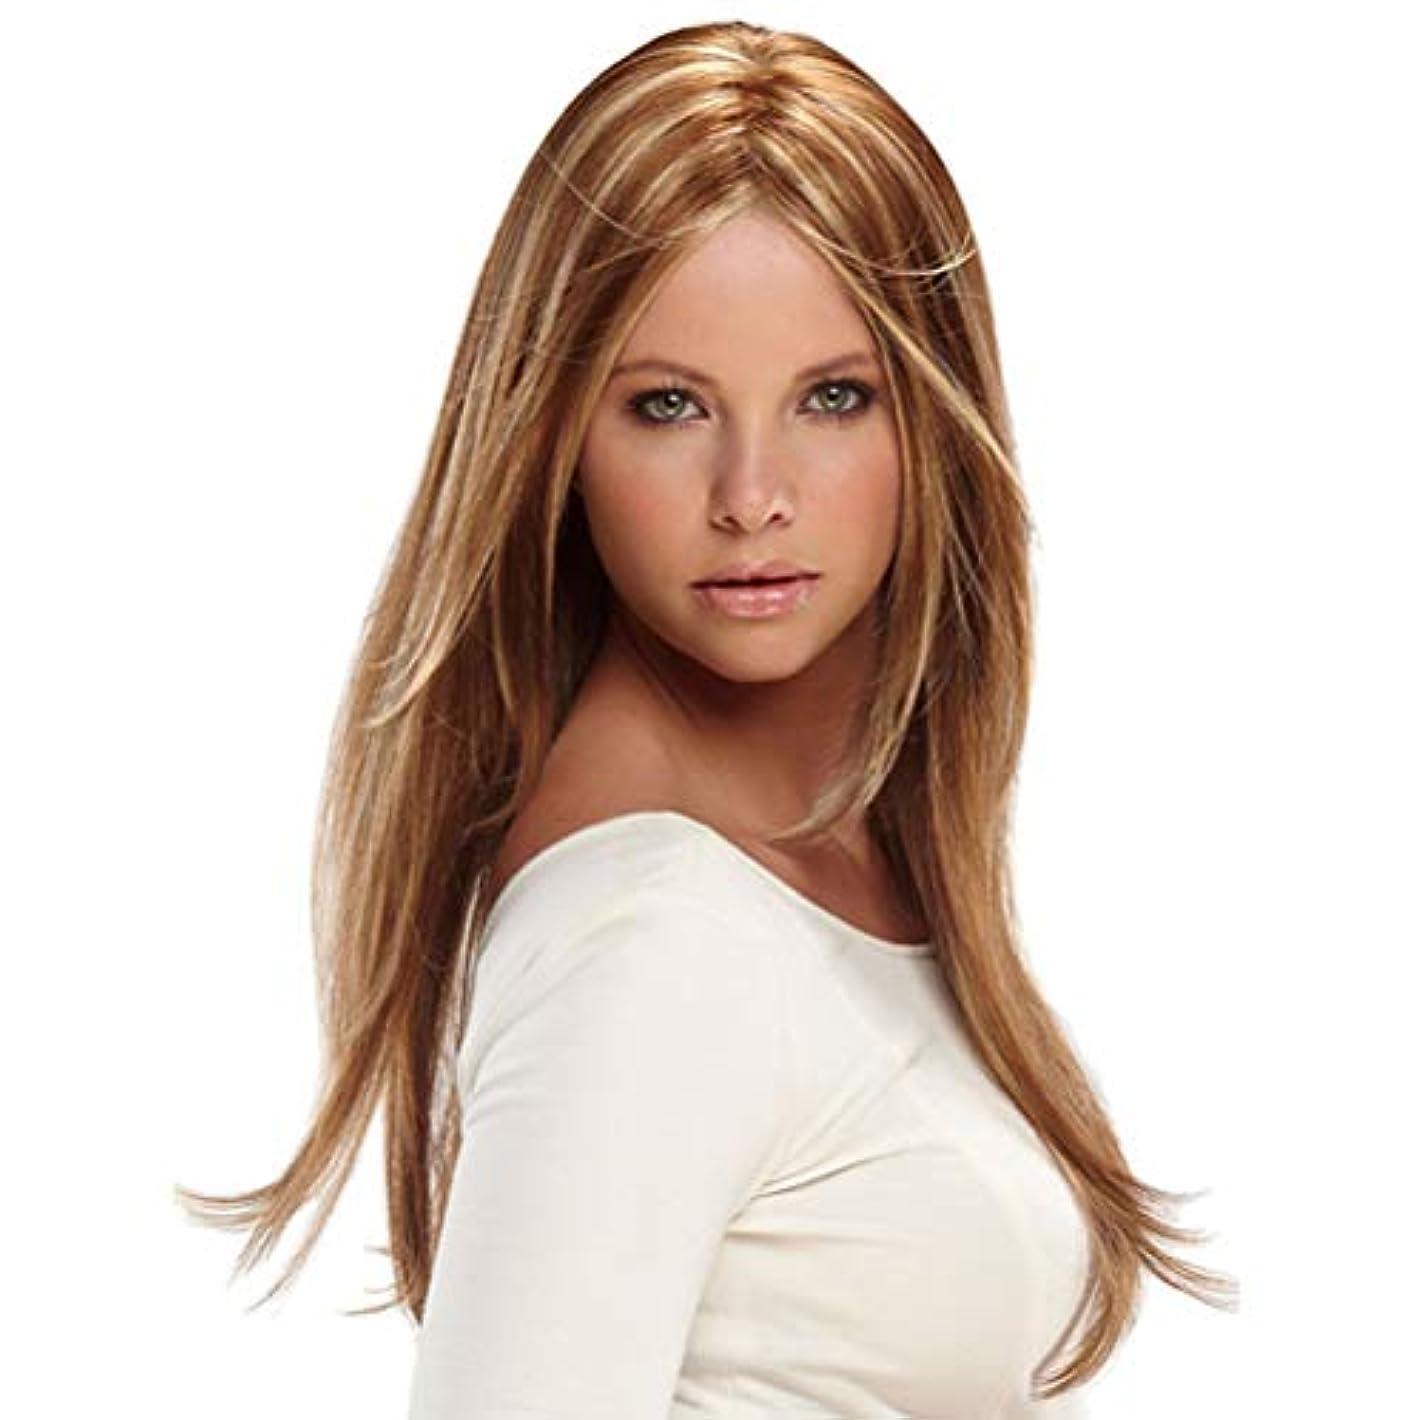 最小化する装置アルコールブロンドのボブ60 cmのための自然なヘアライン実体波前頭毛髪のかつらで女性の合成ロングウィッグ